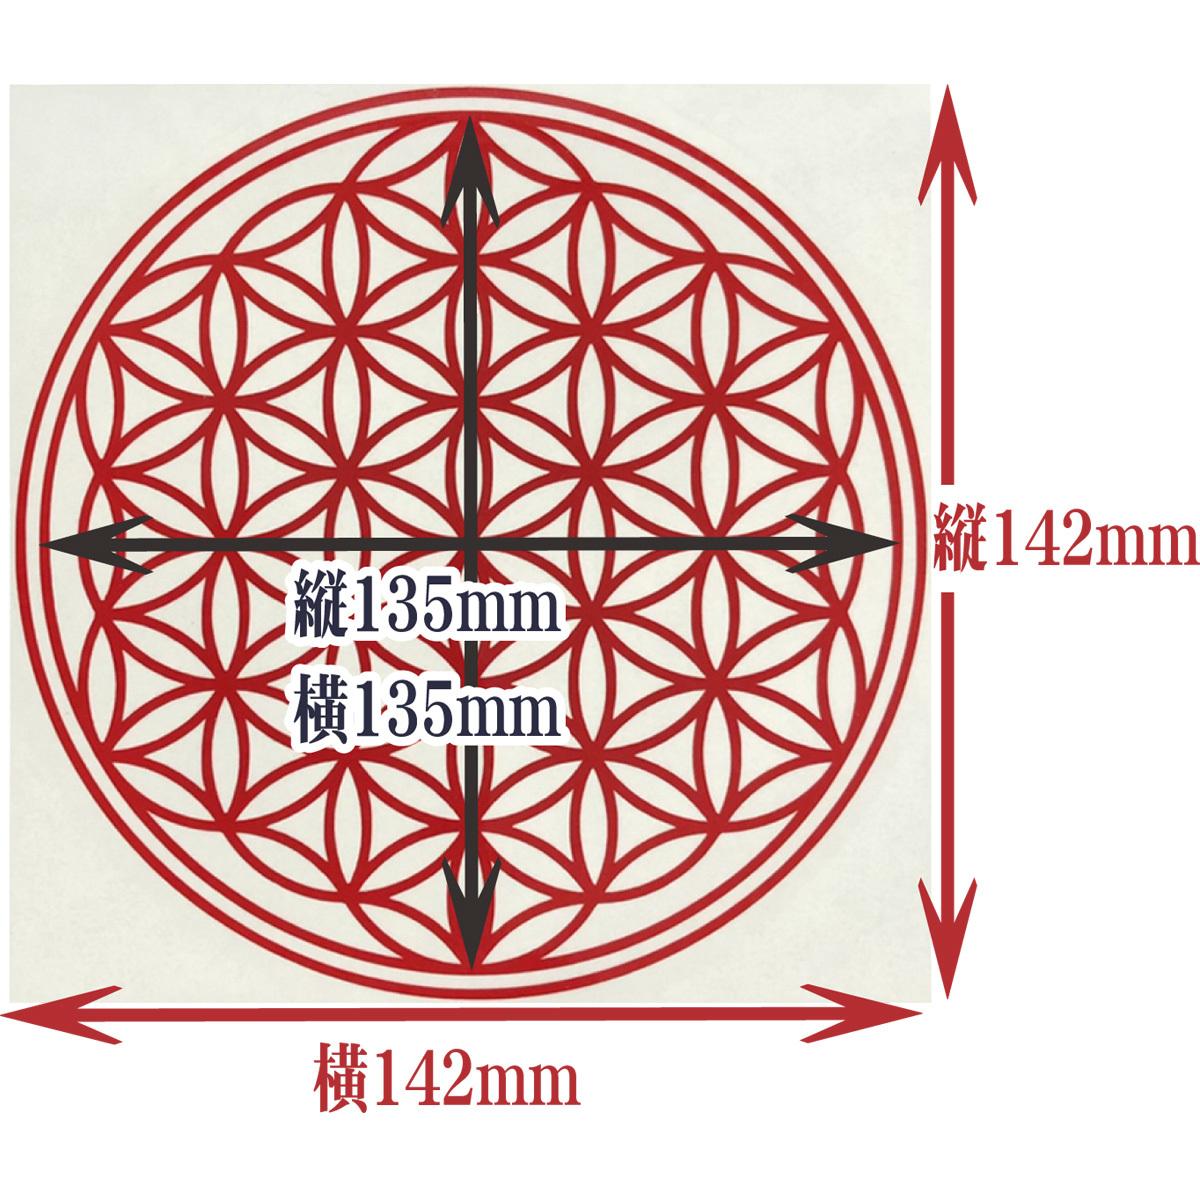 ●フラワーオブライフ 幾何学模様 「生命の花」運気向上 開運ステッカー 10色から選べる 701_画像2